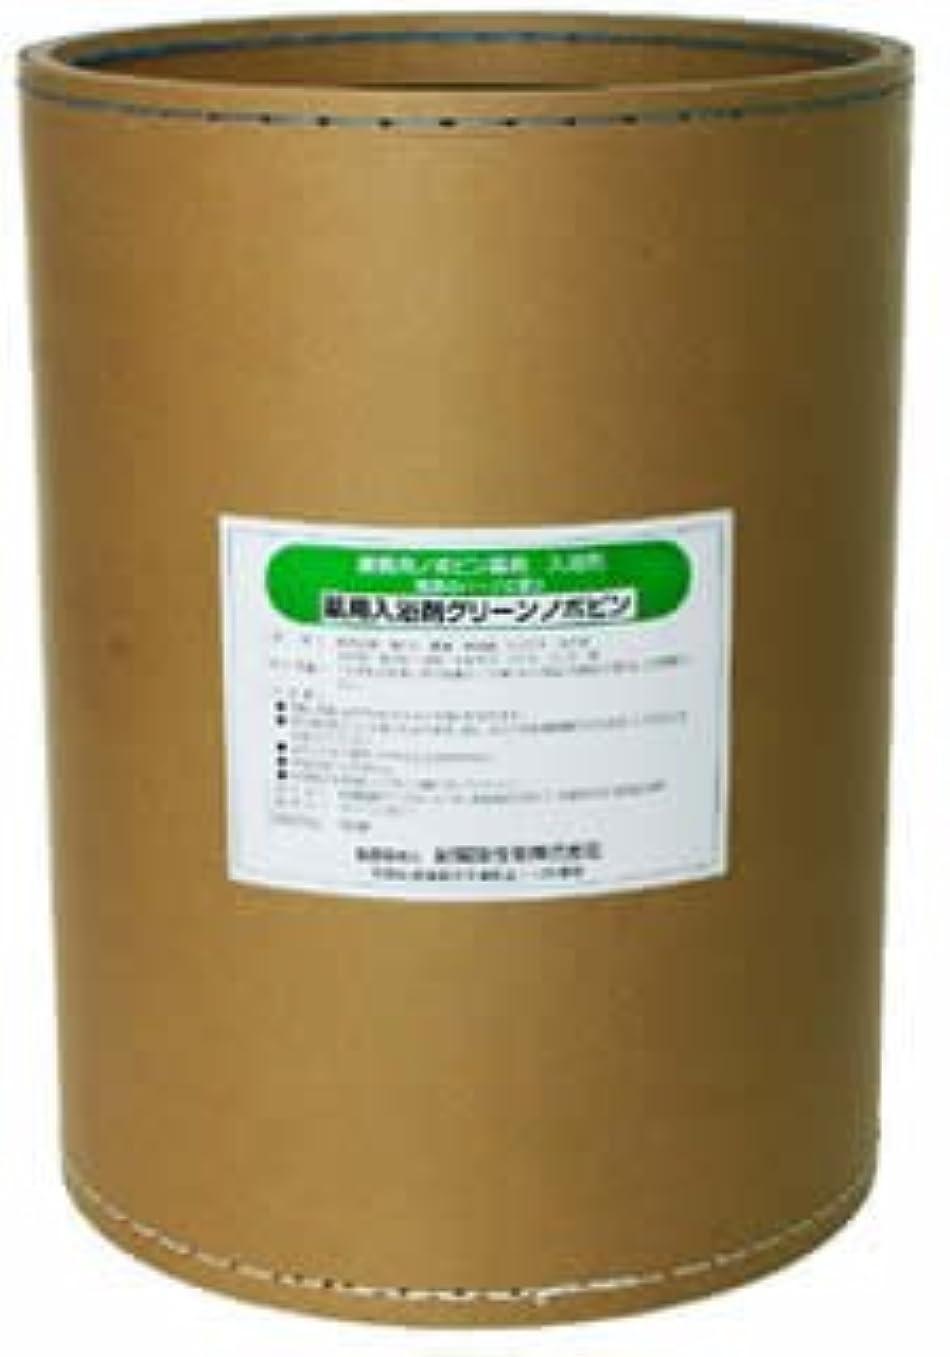 ダイアクリティカルペチュランス希望に満ちた業務用入浴剤 グリーンノボピン 18kg